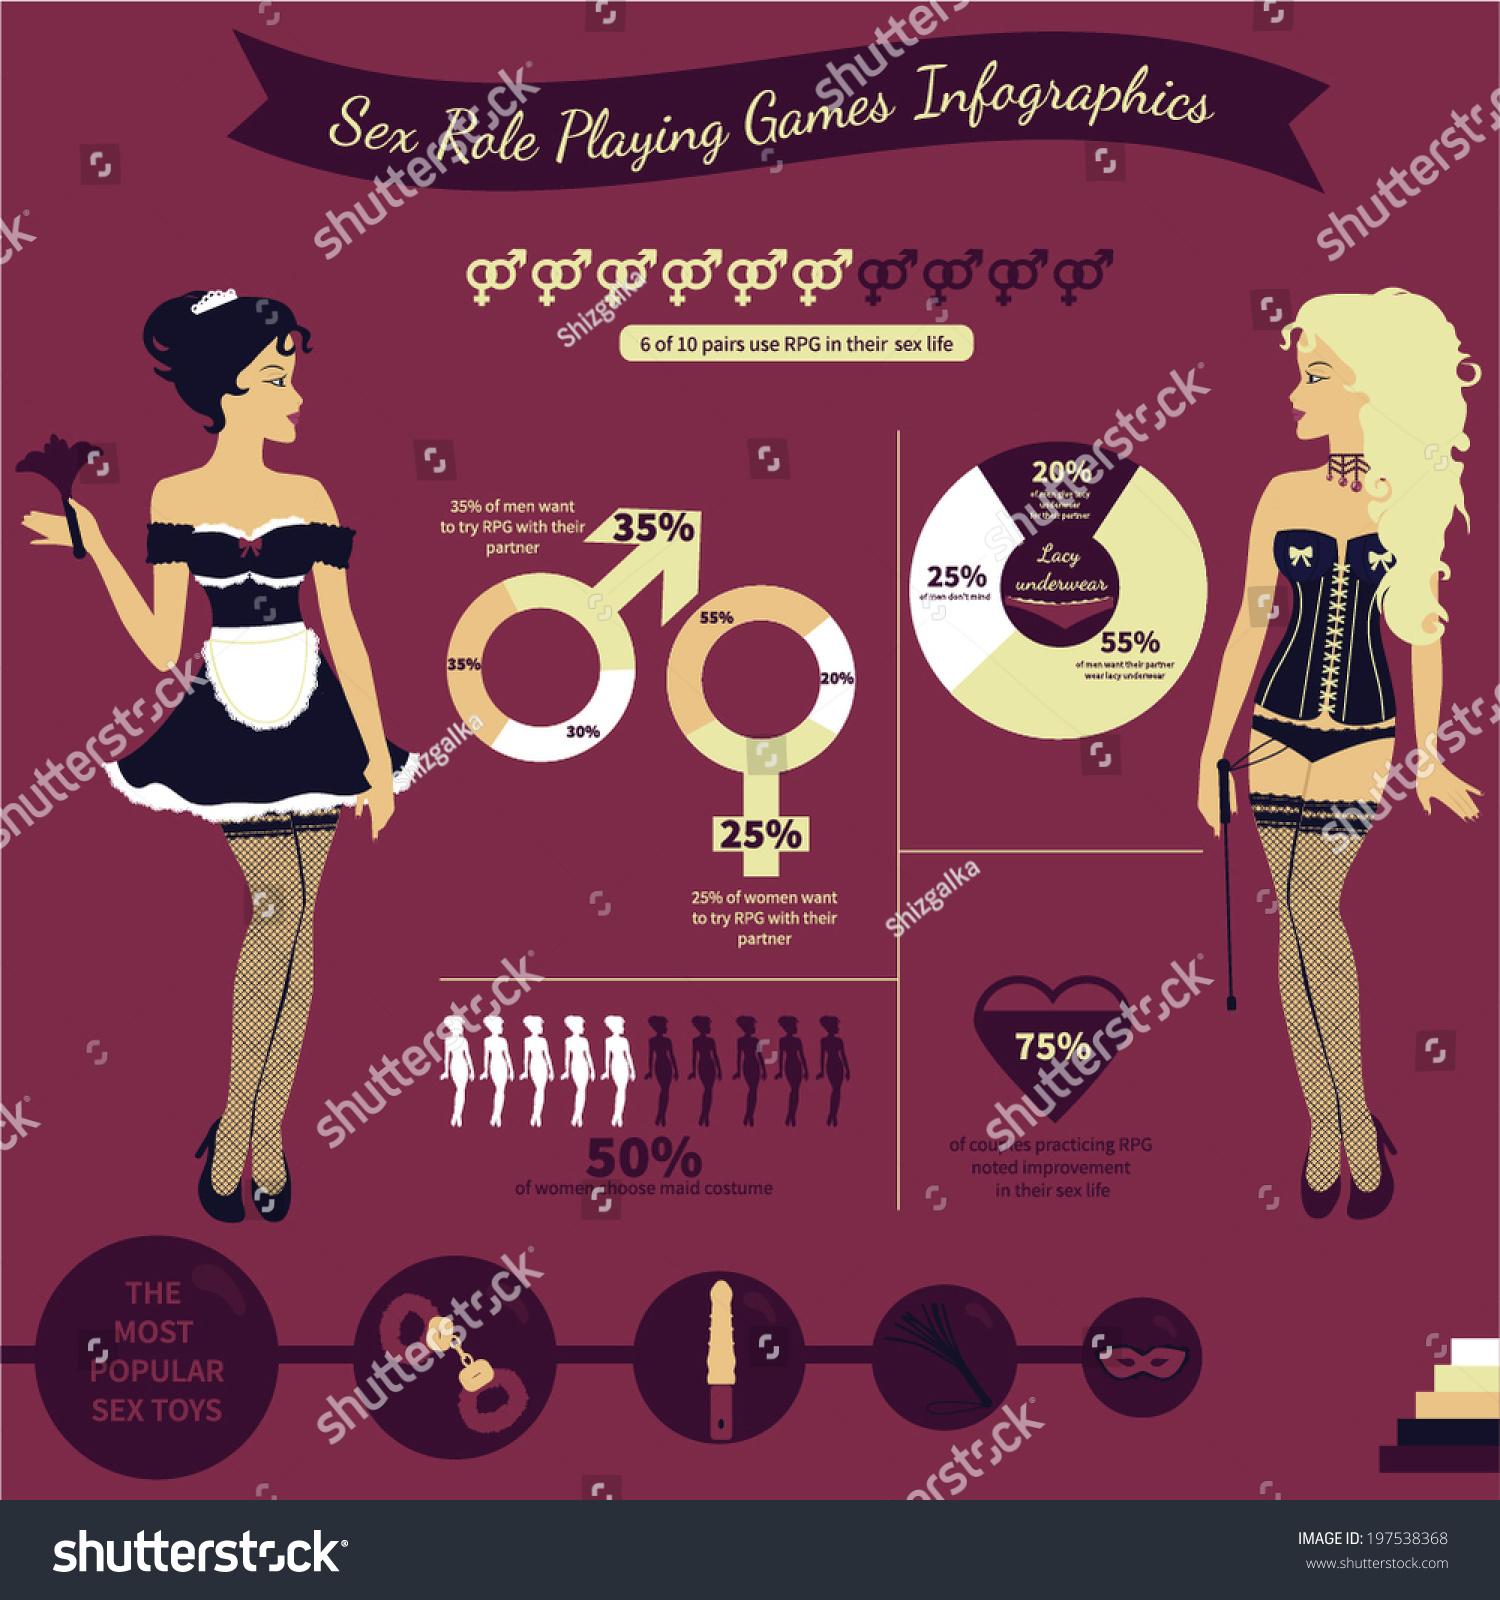 两个性感女孩穿着花边服装.性角色扮演游戏信息图